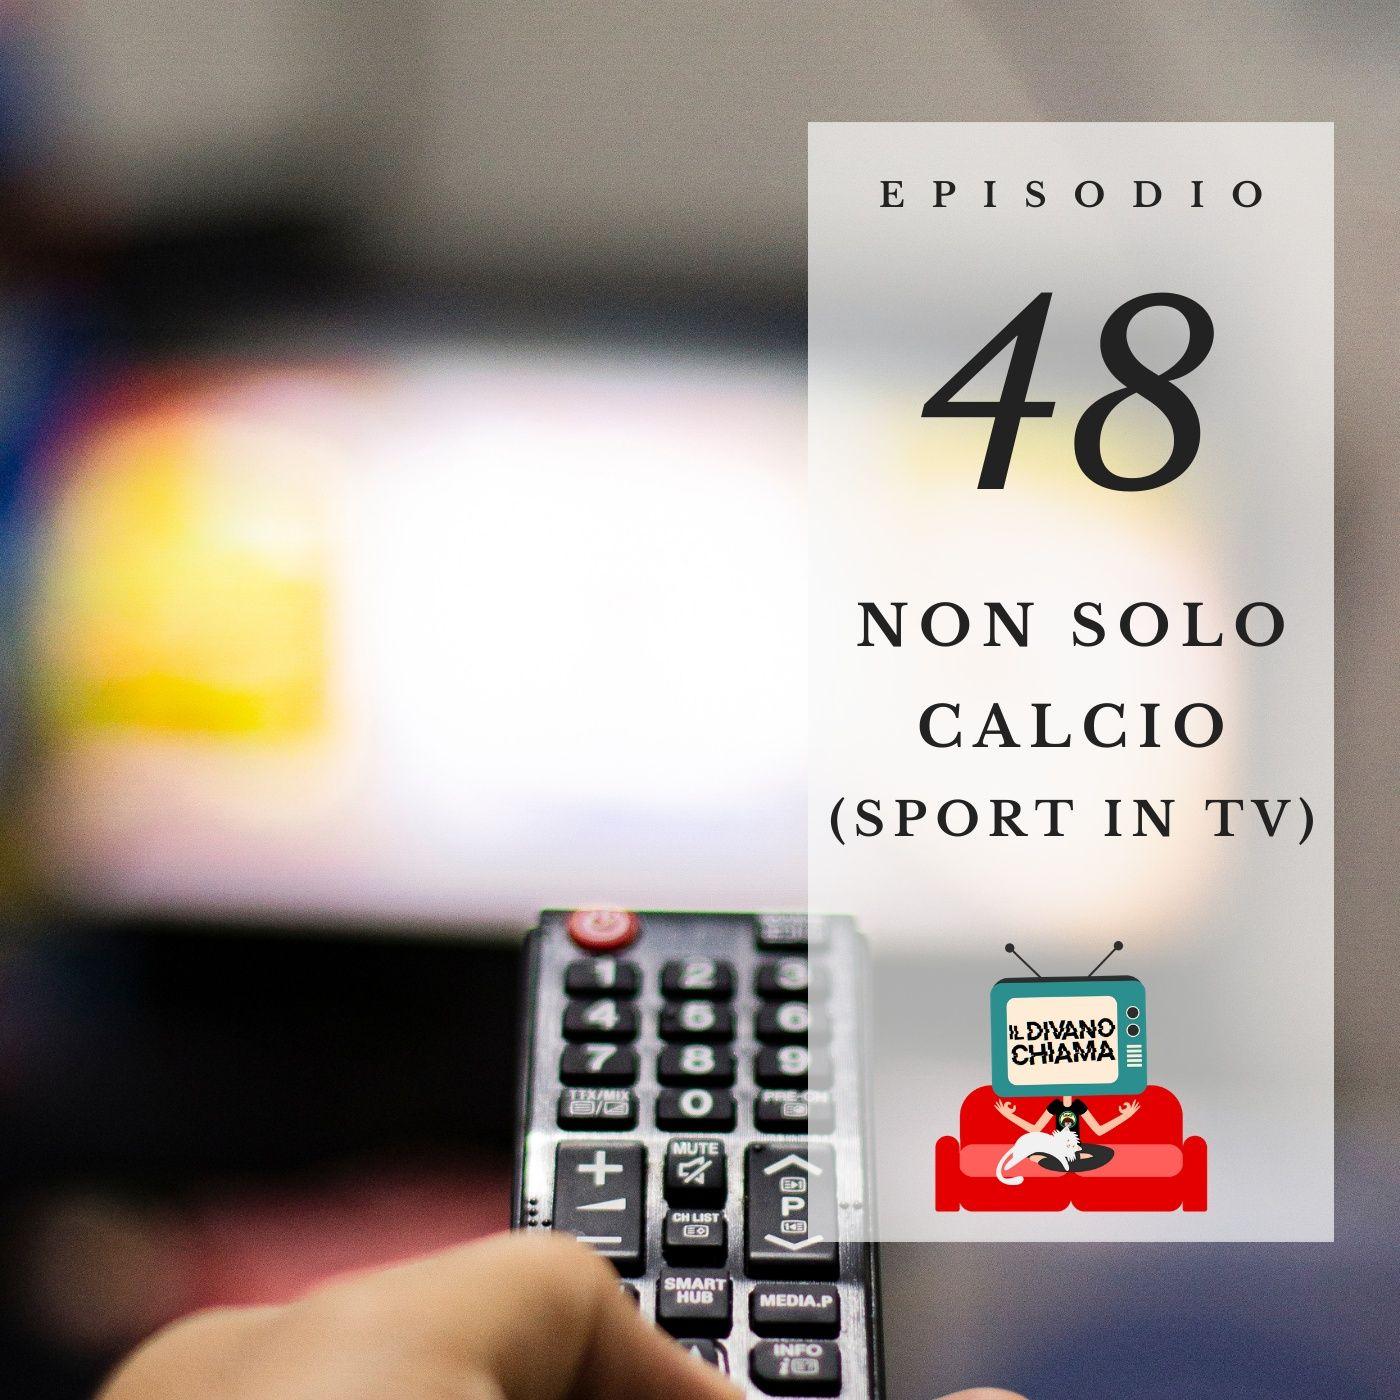 Puntata 48 - Non solo calcio